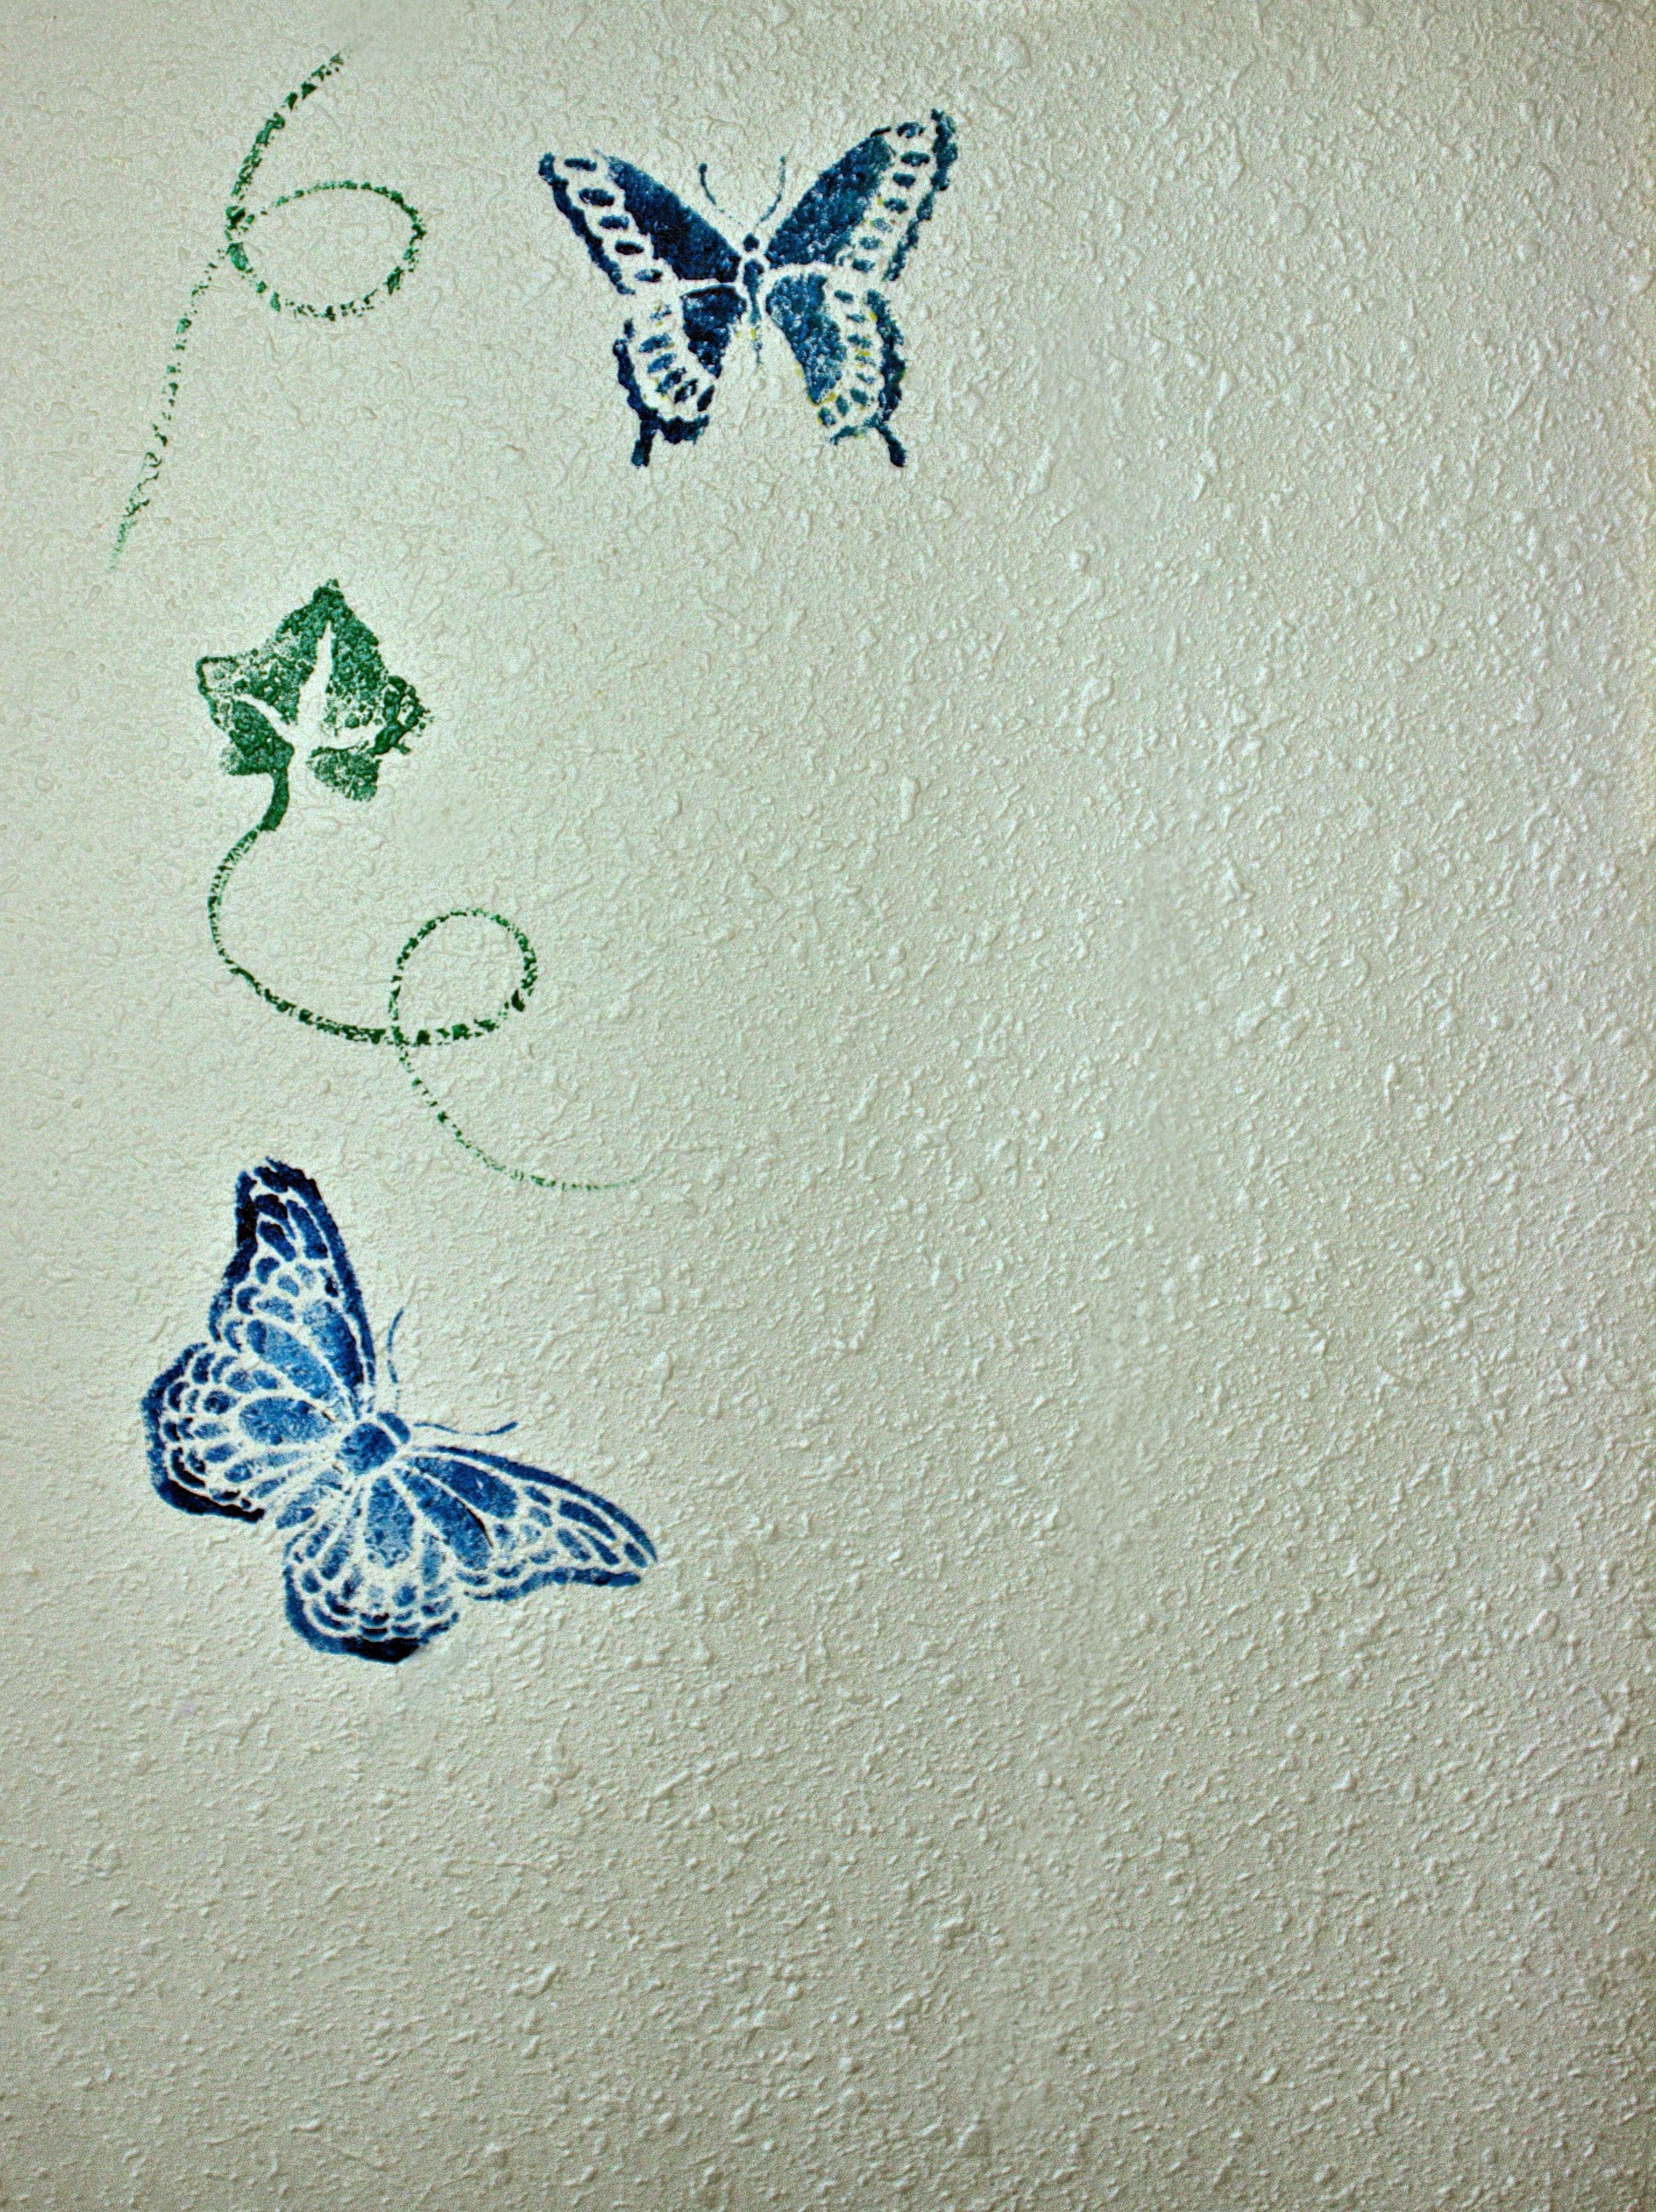 images gratuites aile texture mur mod le insecte peindre rugueux bleu papillon. Black Bedroom Furniture Sets. Home Design Ideas